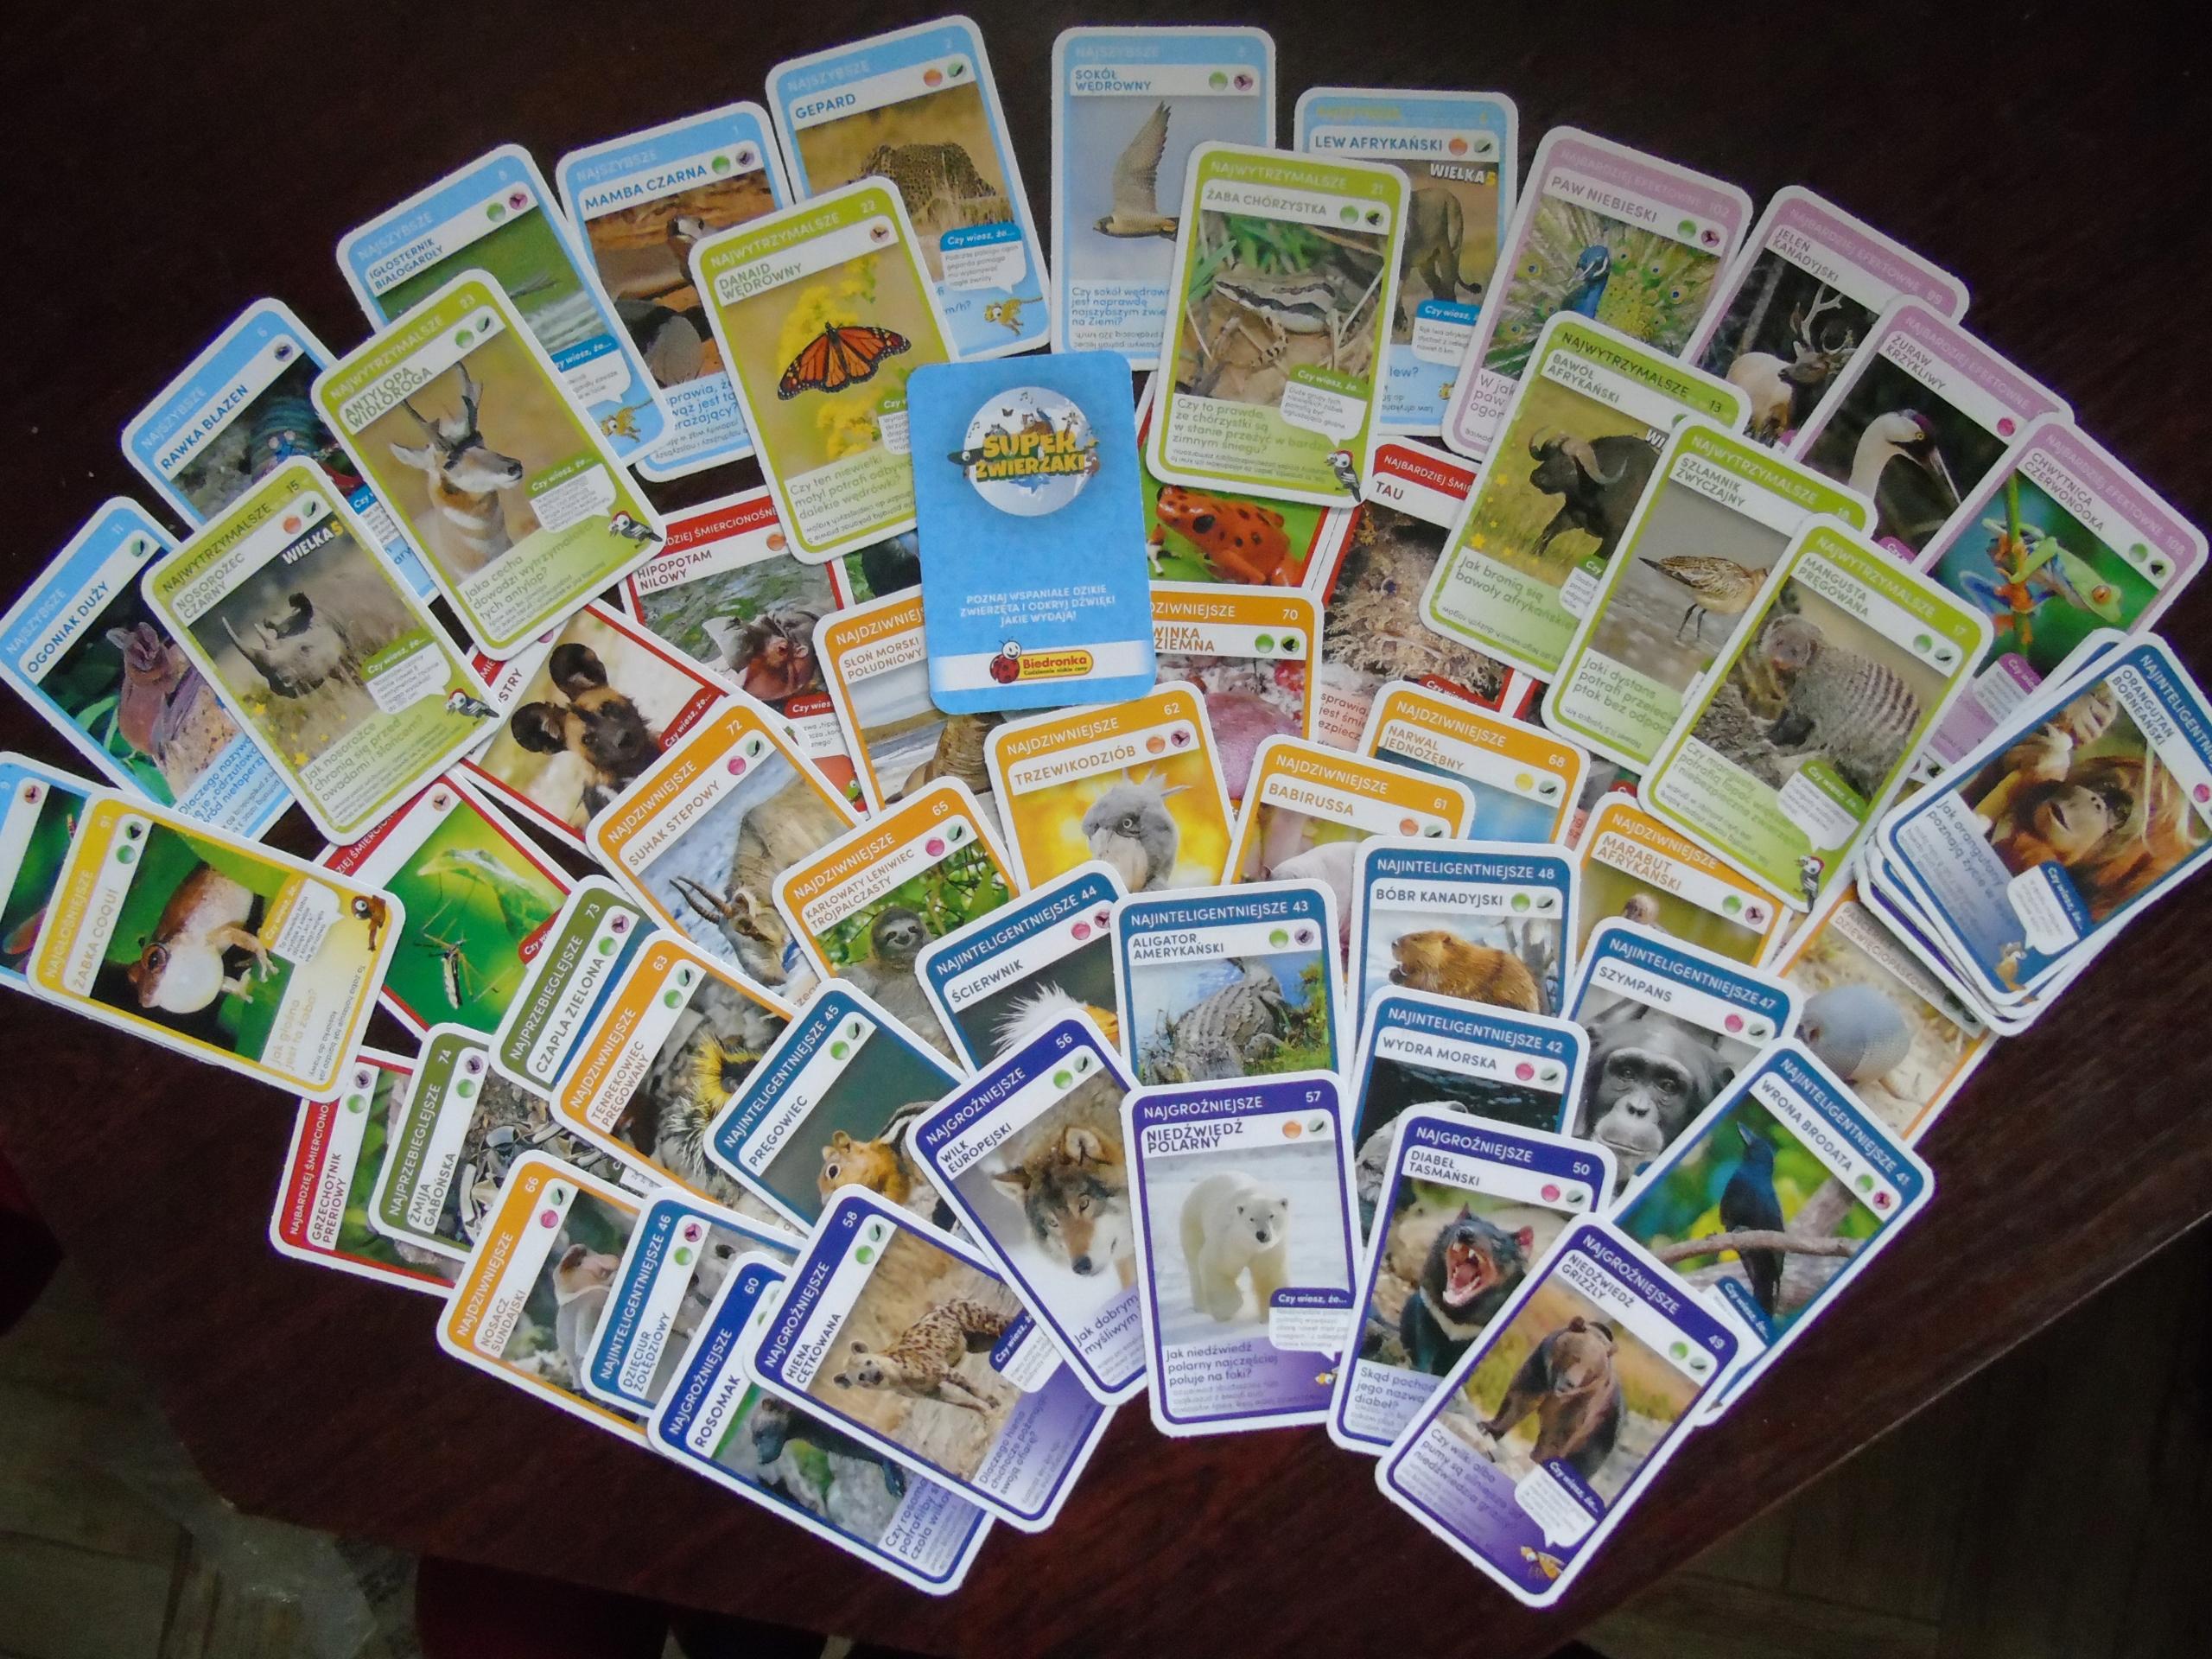 Karty Super Zwierzaki Z Biedronki 4 Szt 1 Zl 9148286782 Allegro Pl